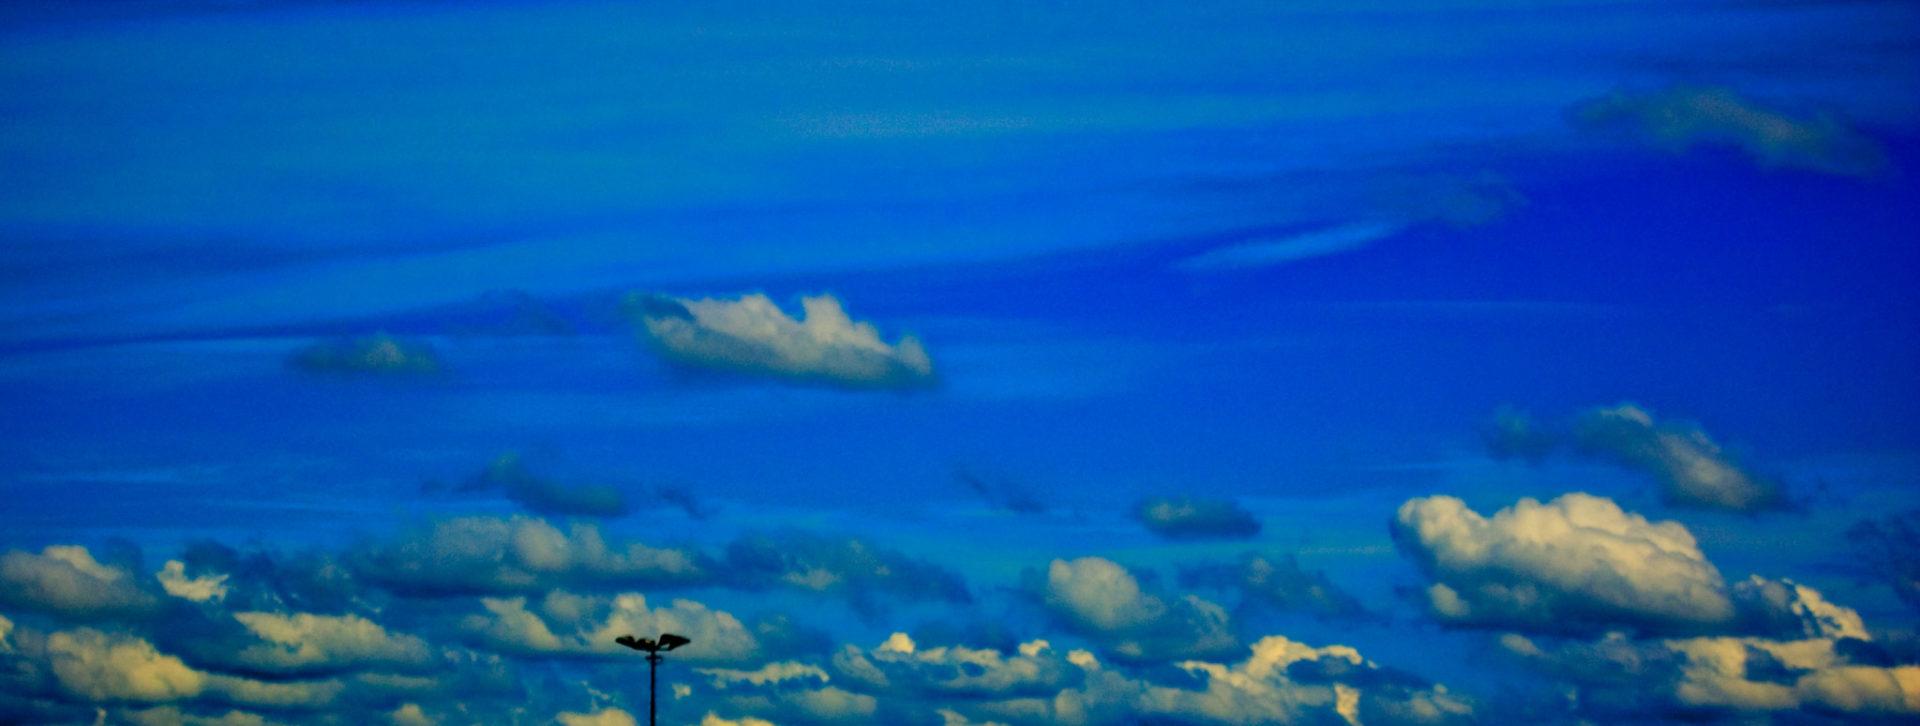 Under A Cloud 34x90